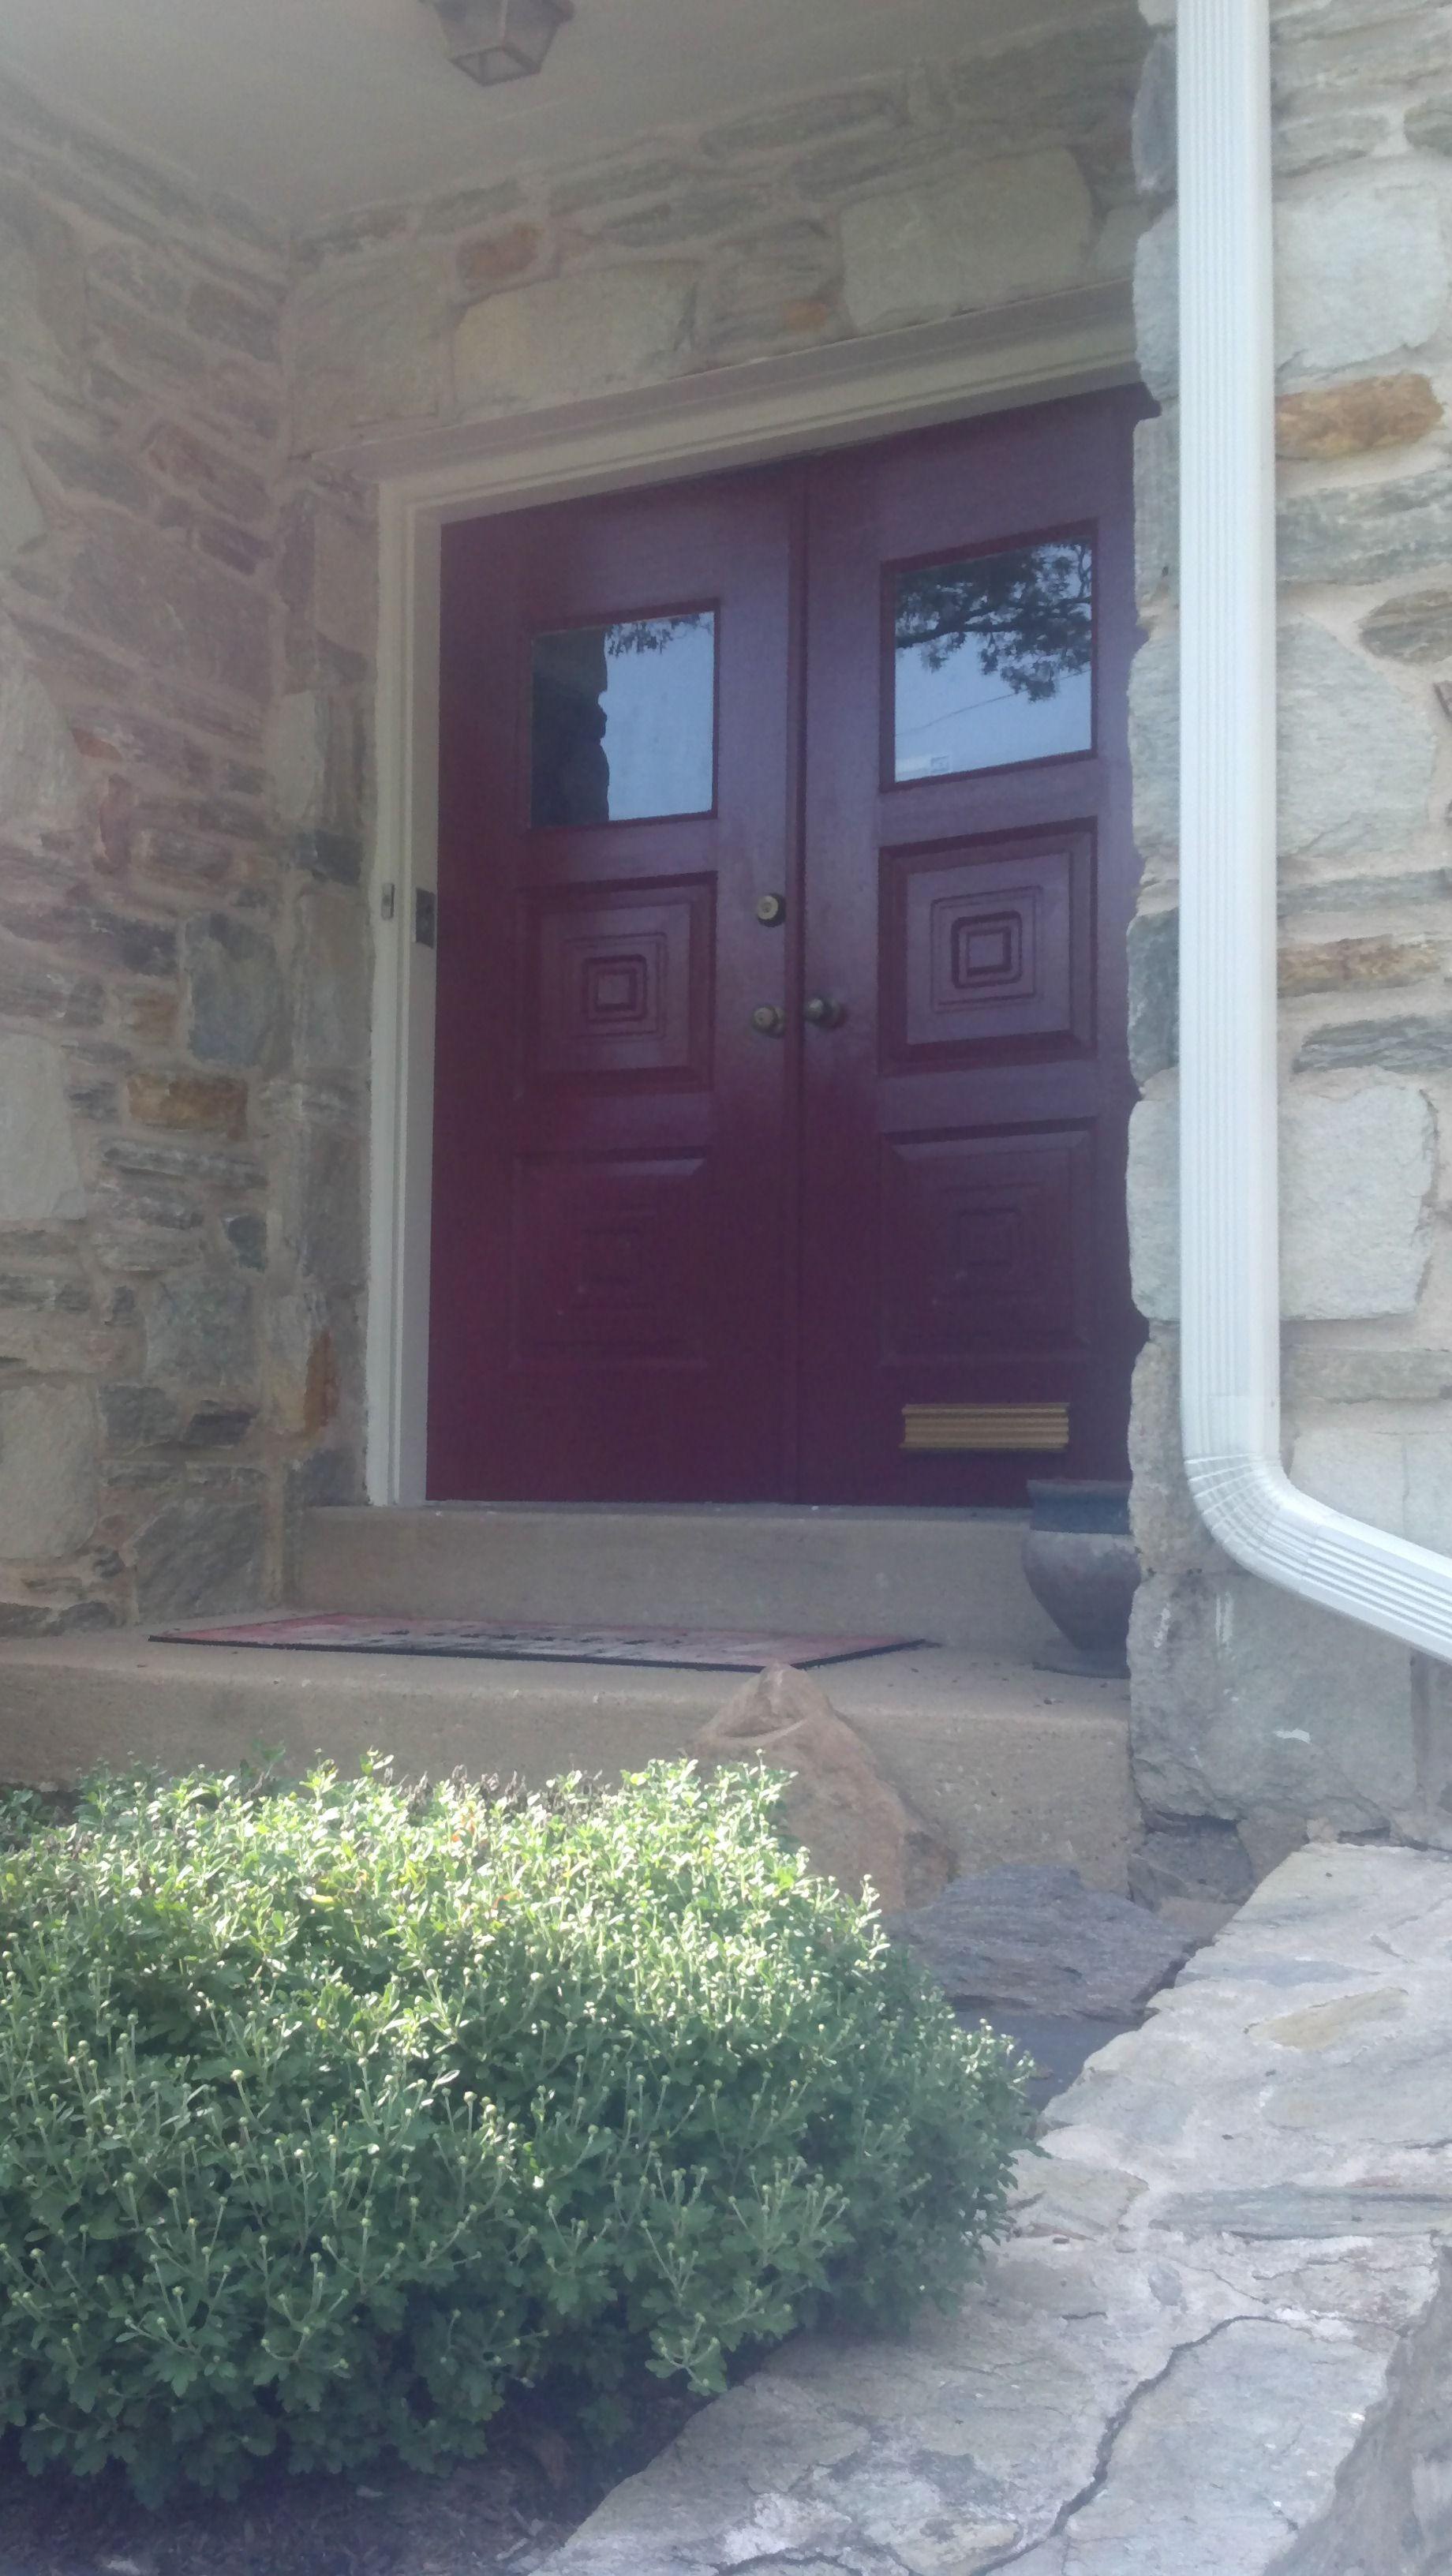 Benjamin Moore Dinner Party Red front door!  Love it - perfect pop of color.